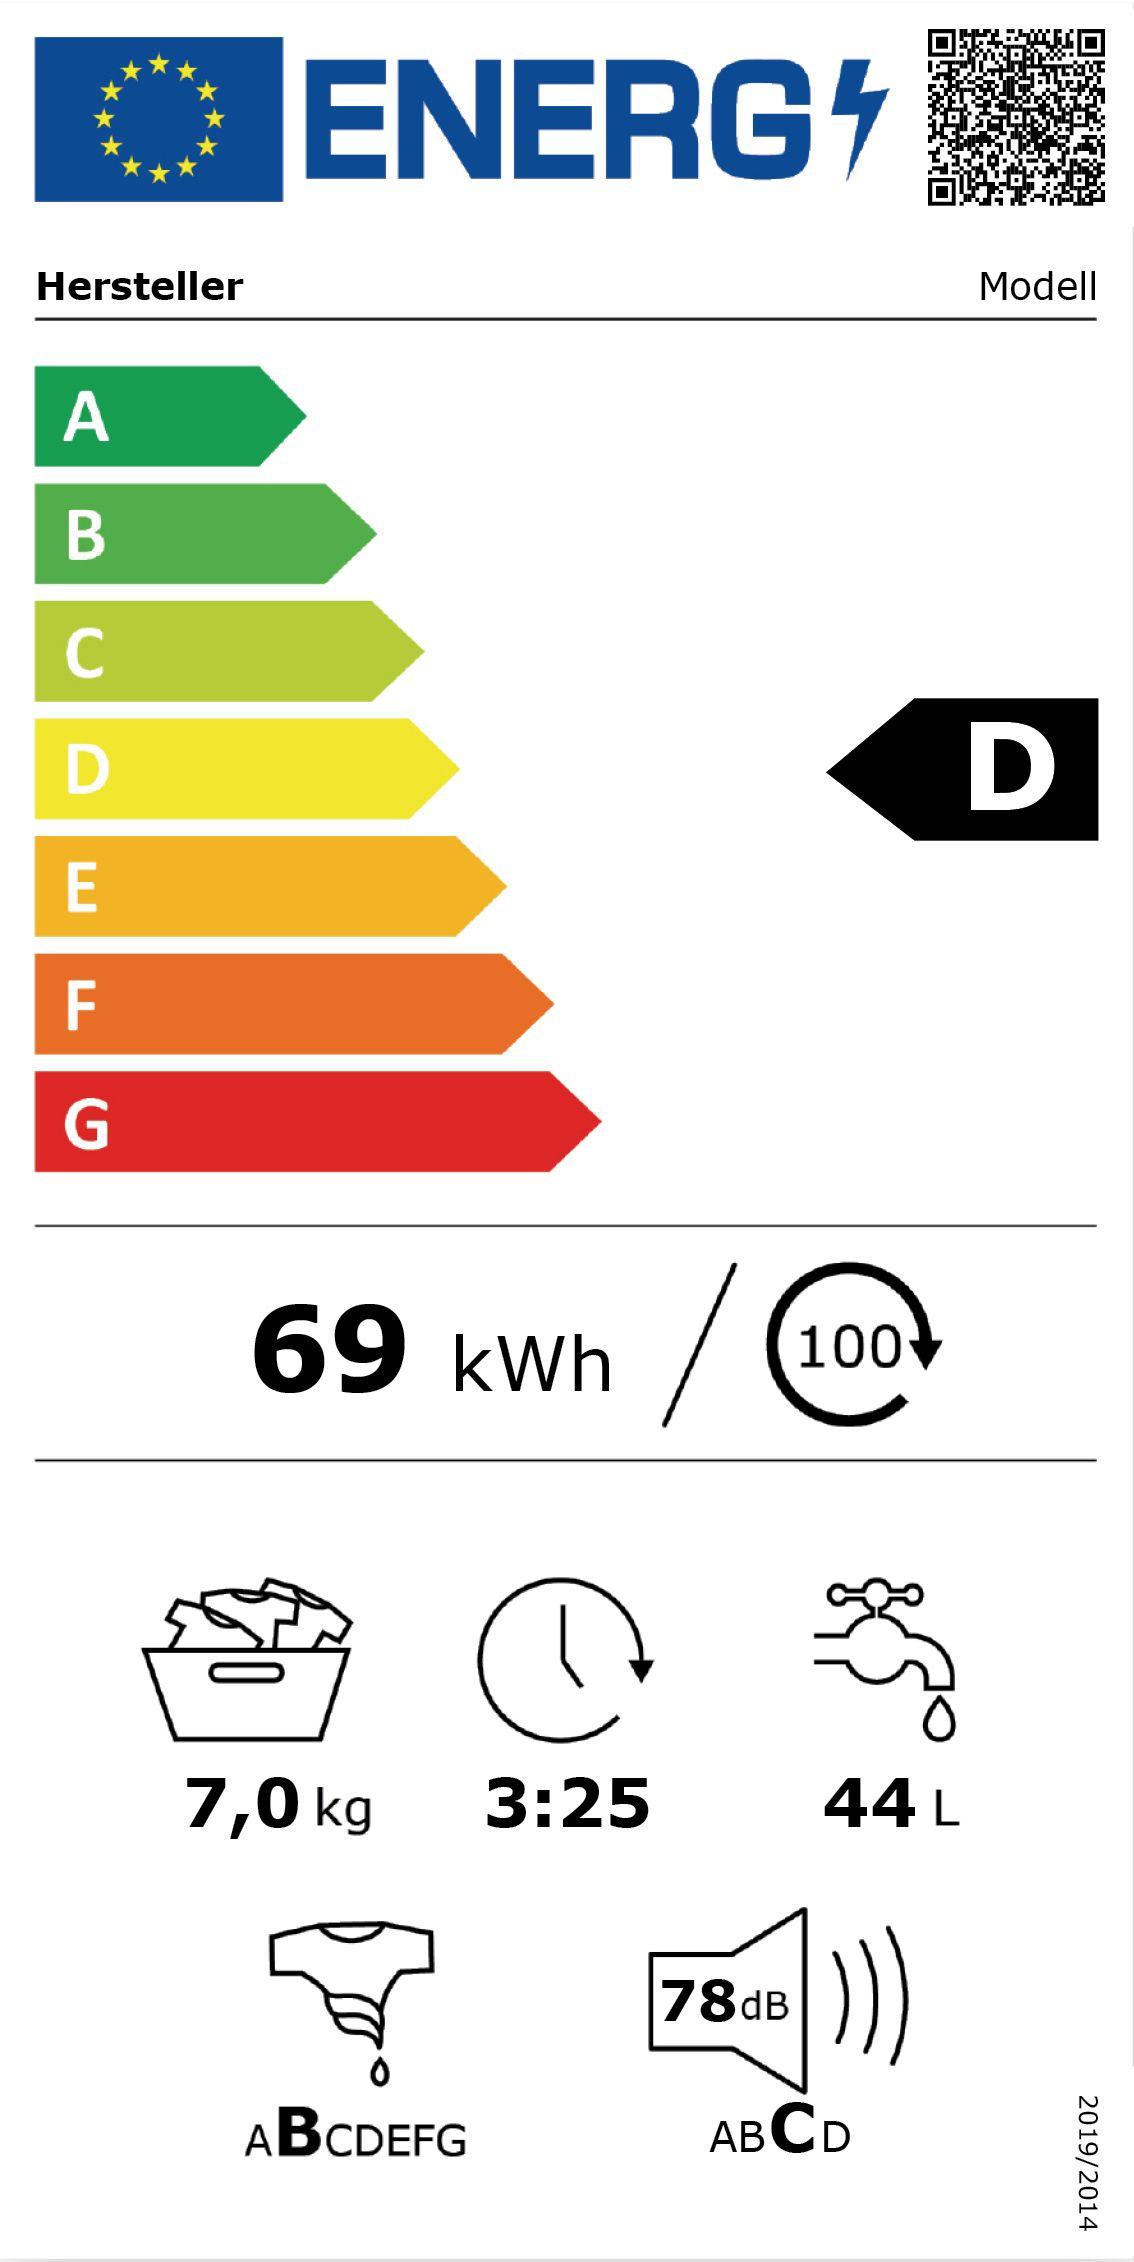 neues EU-Effizienzlabel für eine Waschmaschine